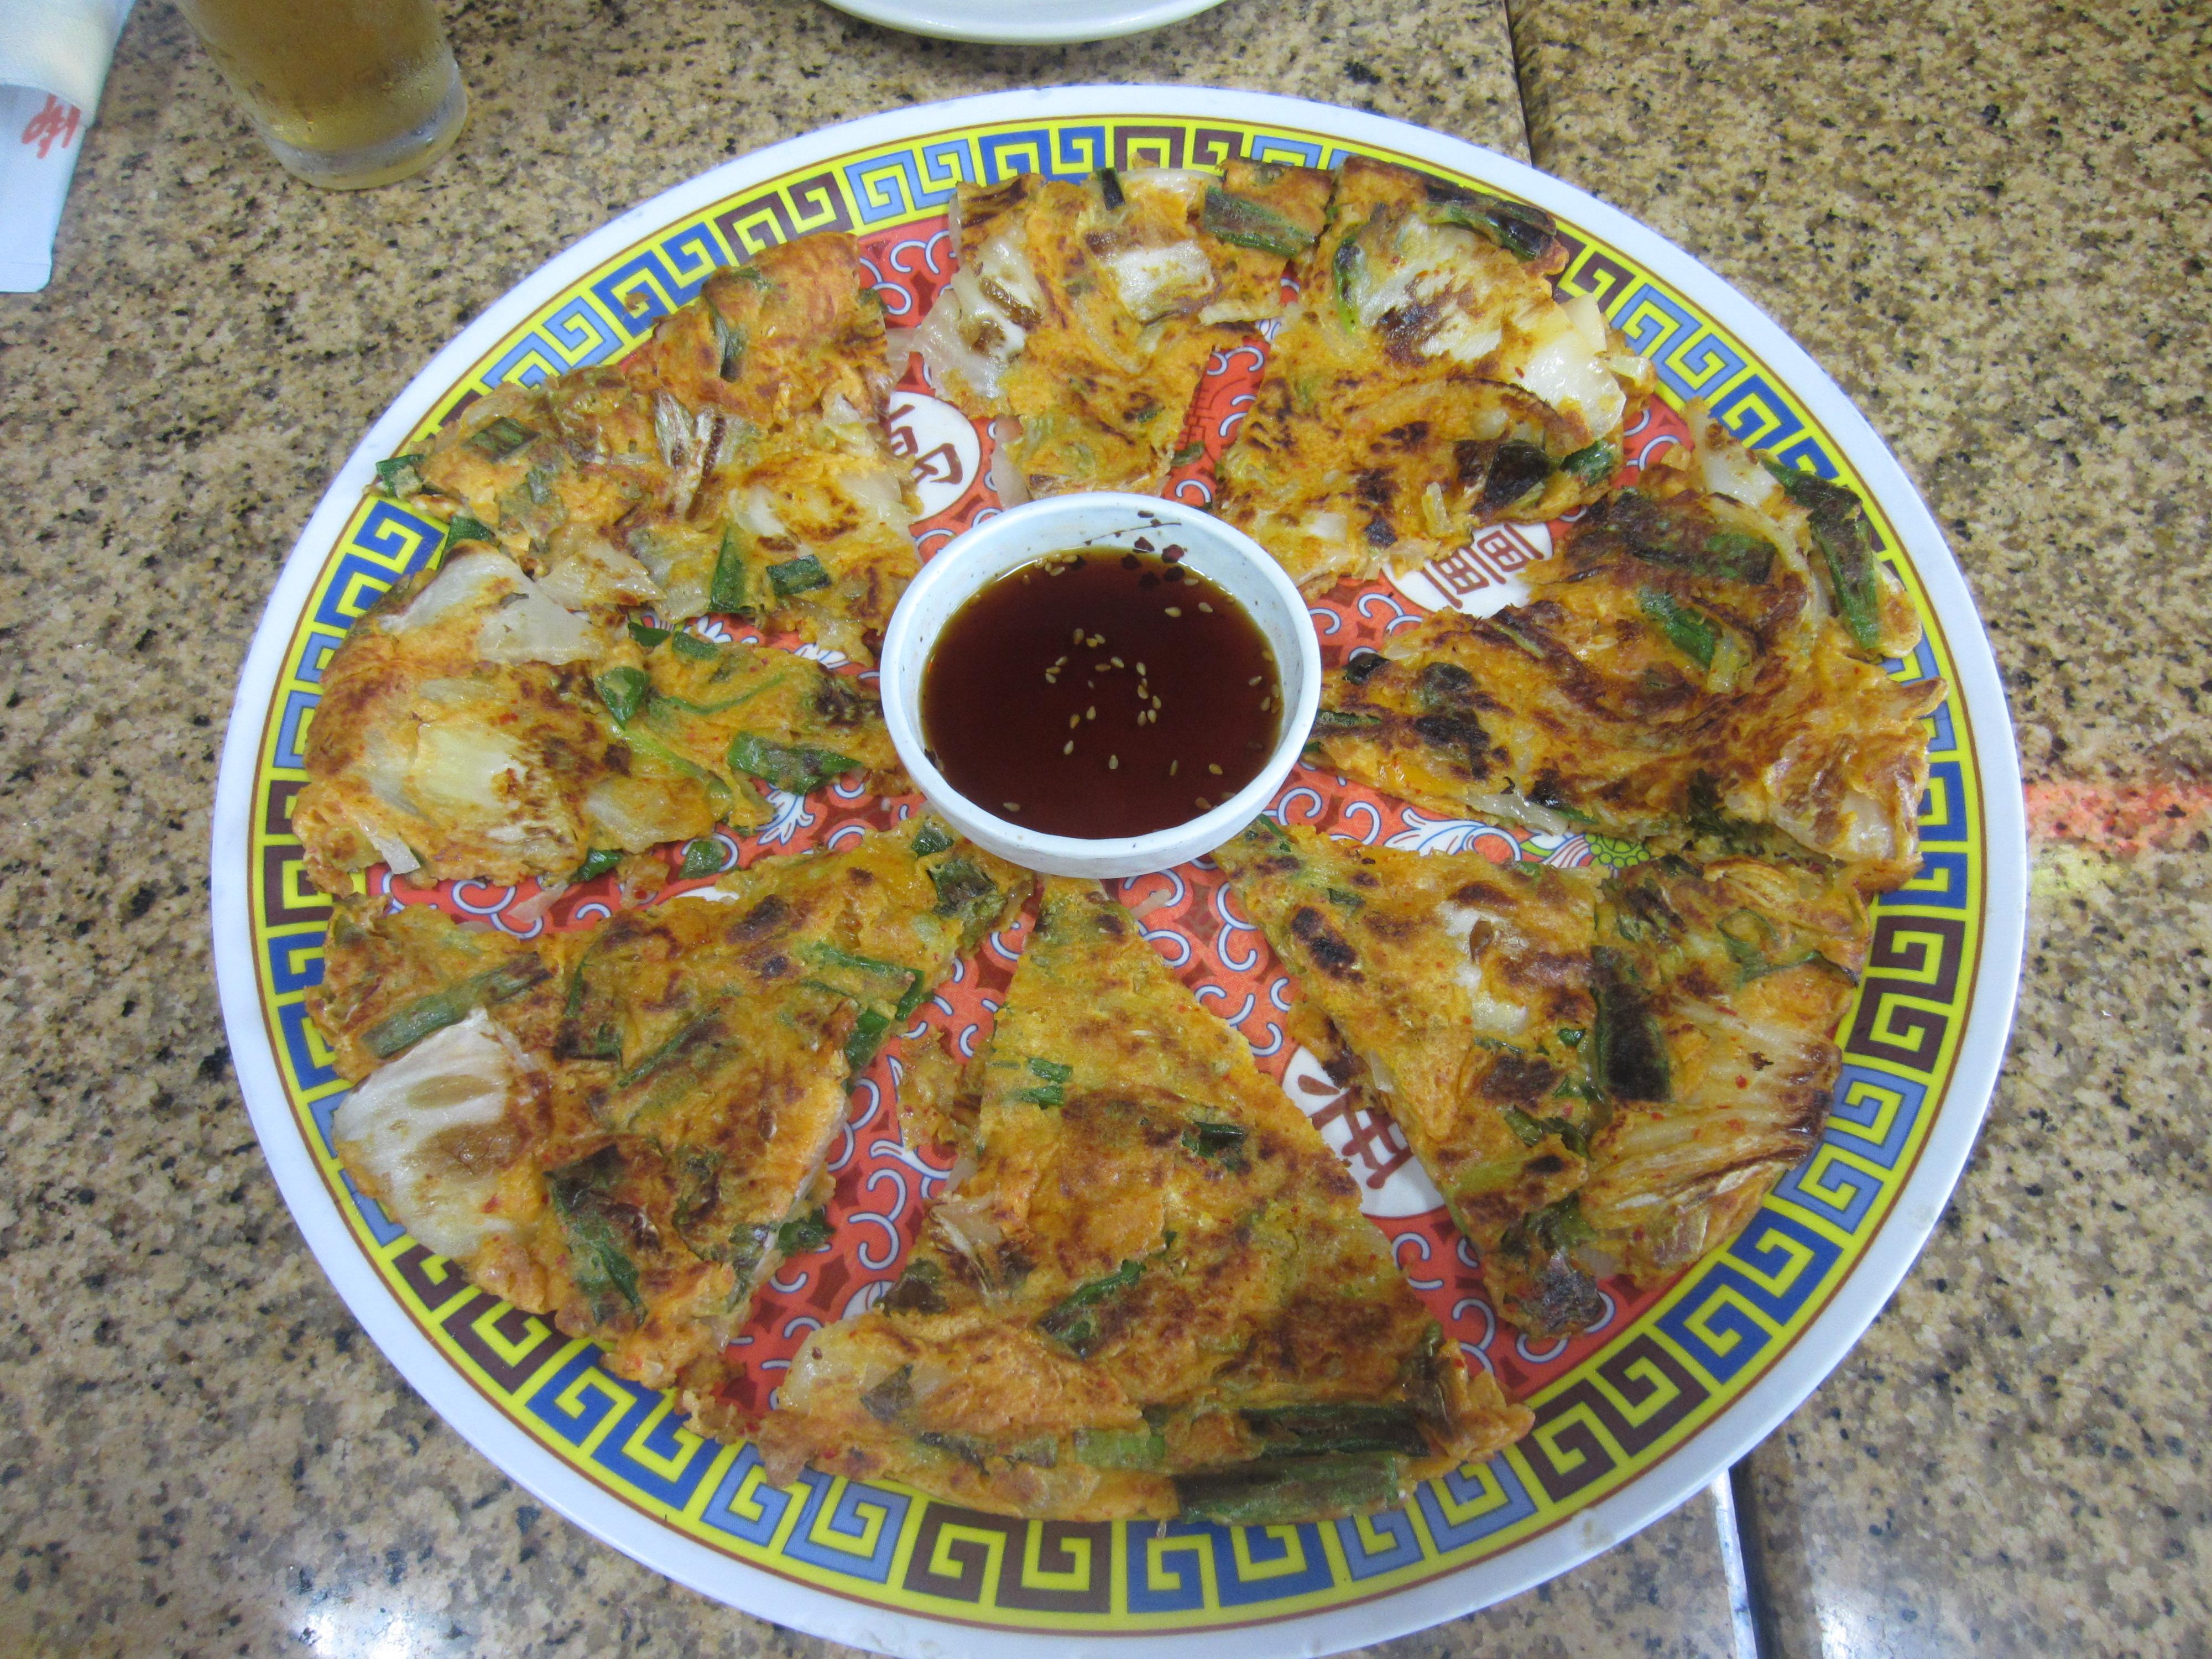 Kimchi pancake at Korean Grill. (KXAN Photo/Calily Bien)